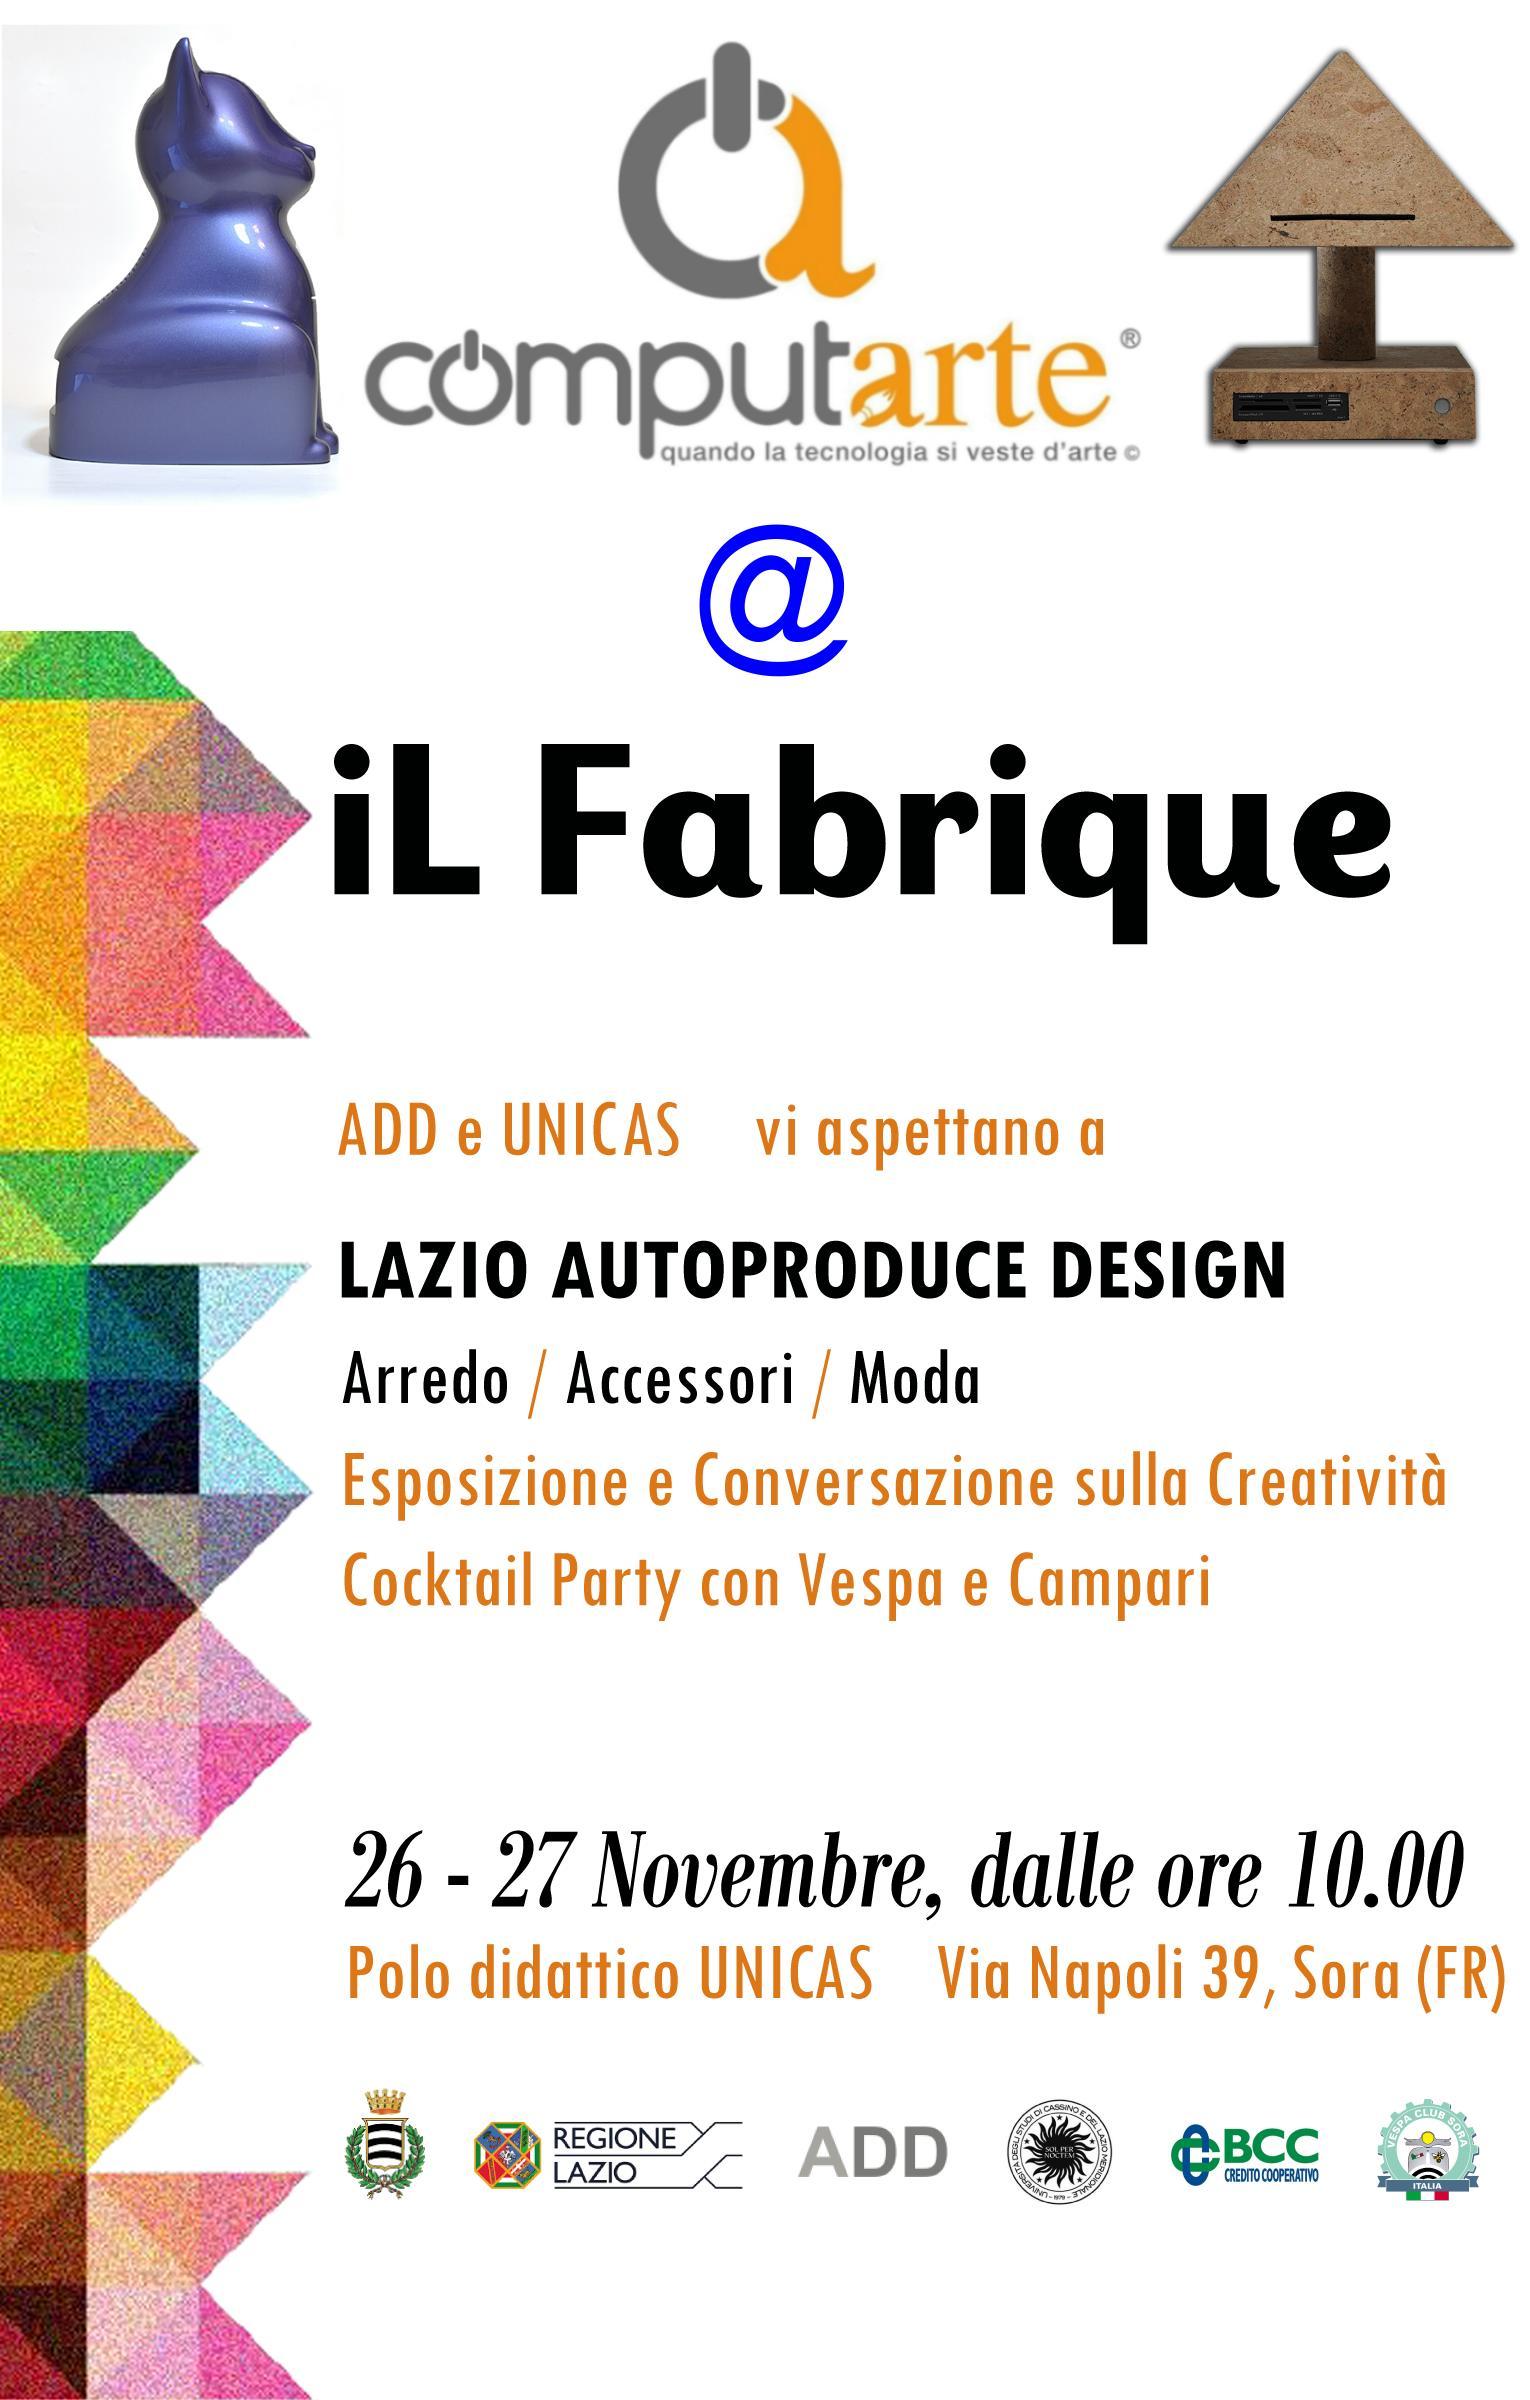 Il Fabrique : Lazio Autoproduce Design – 26 e 27 Novembre 2016 a Sora (FR)